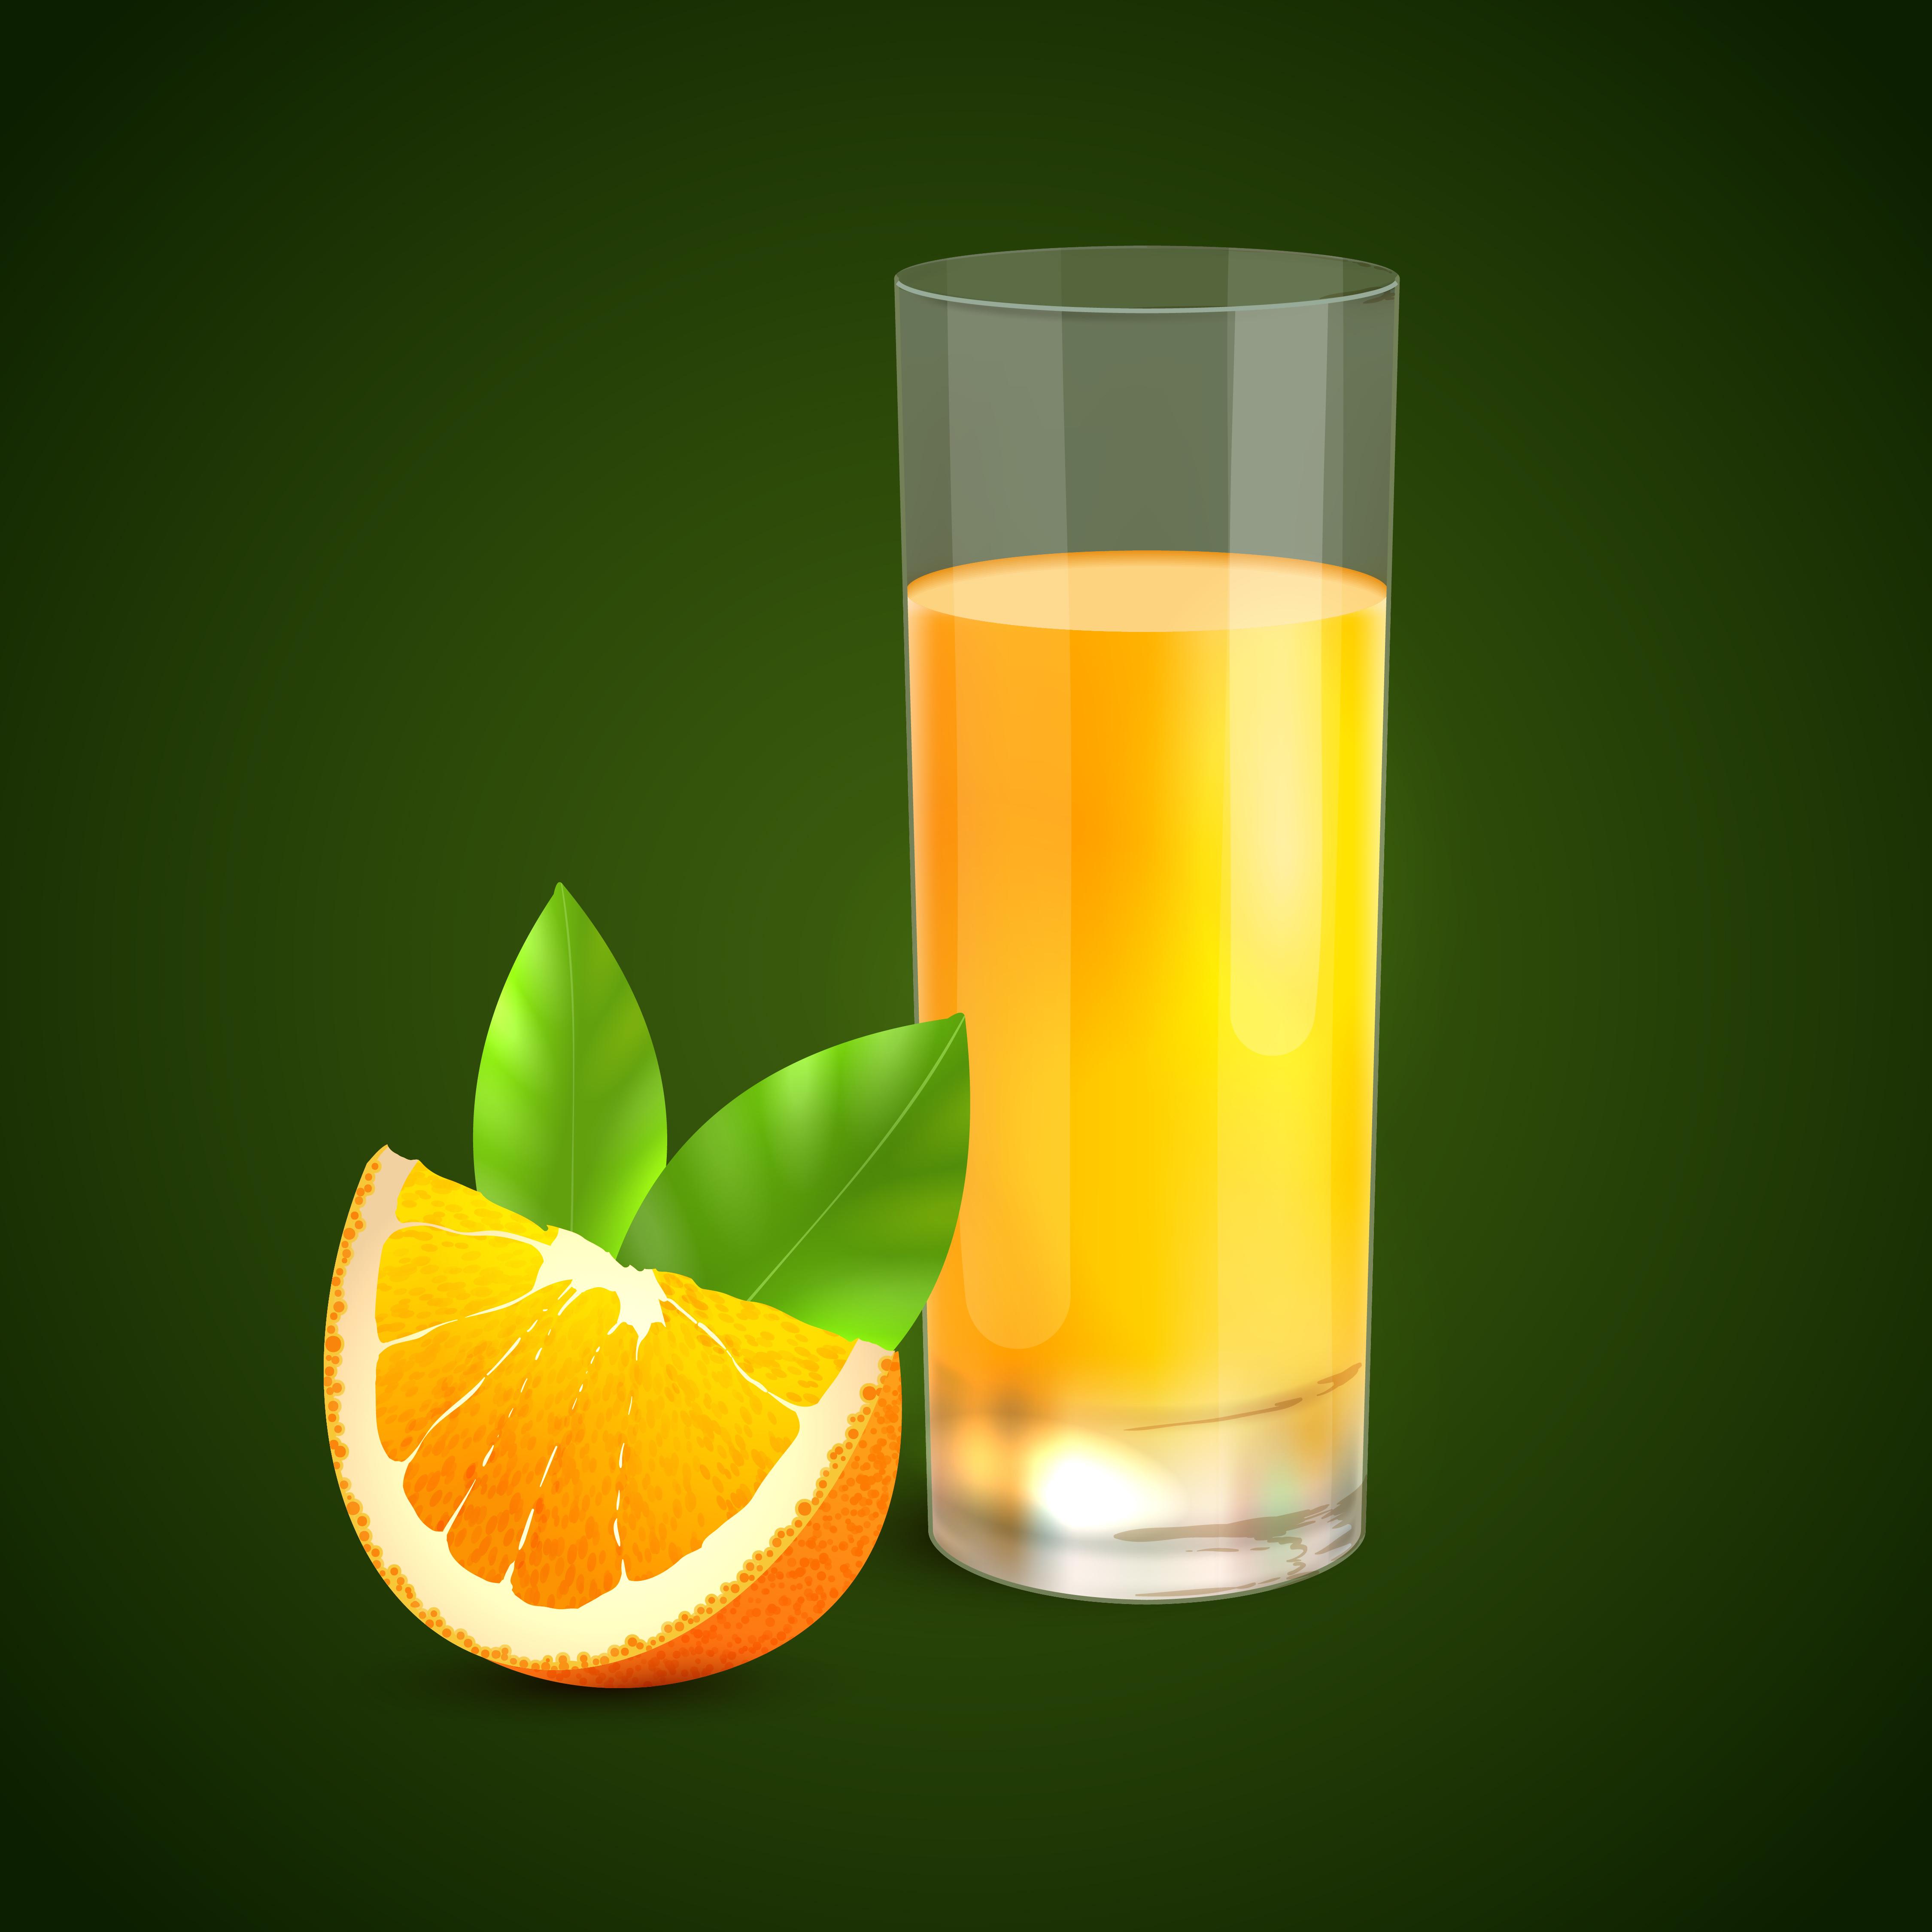 Orange Juice Background Download Free Vectors Clipart